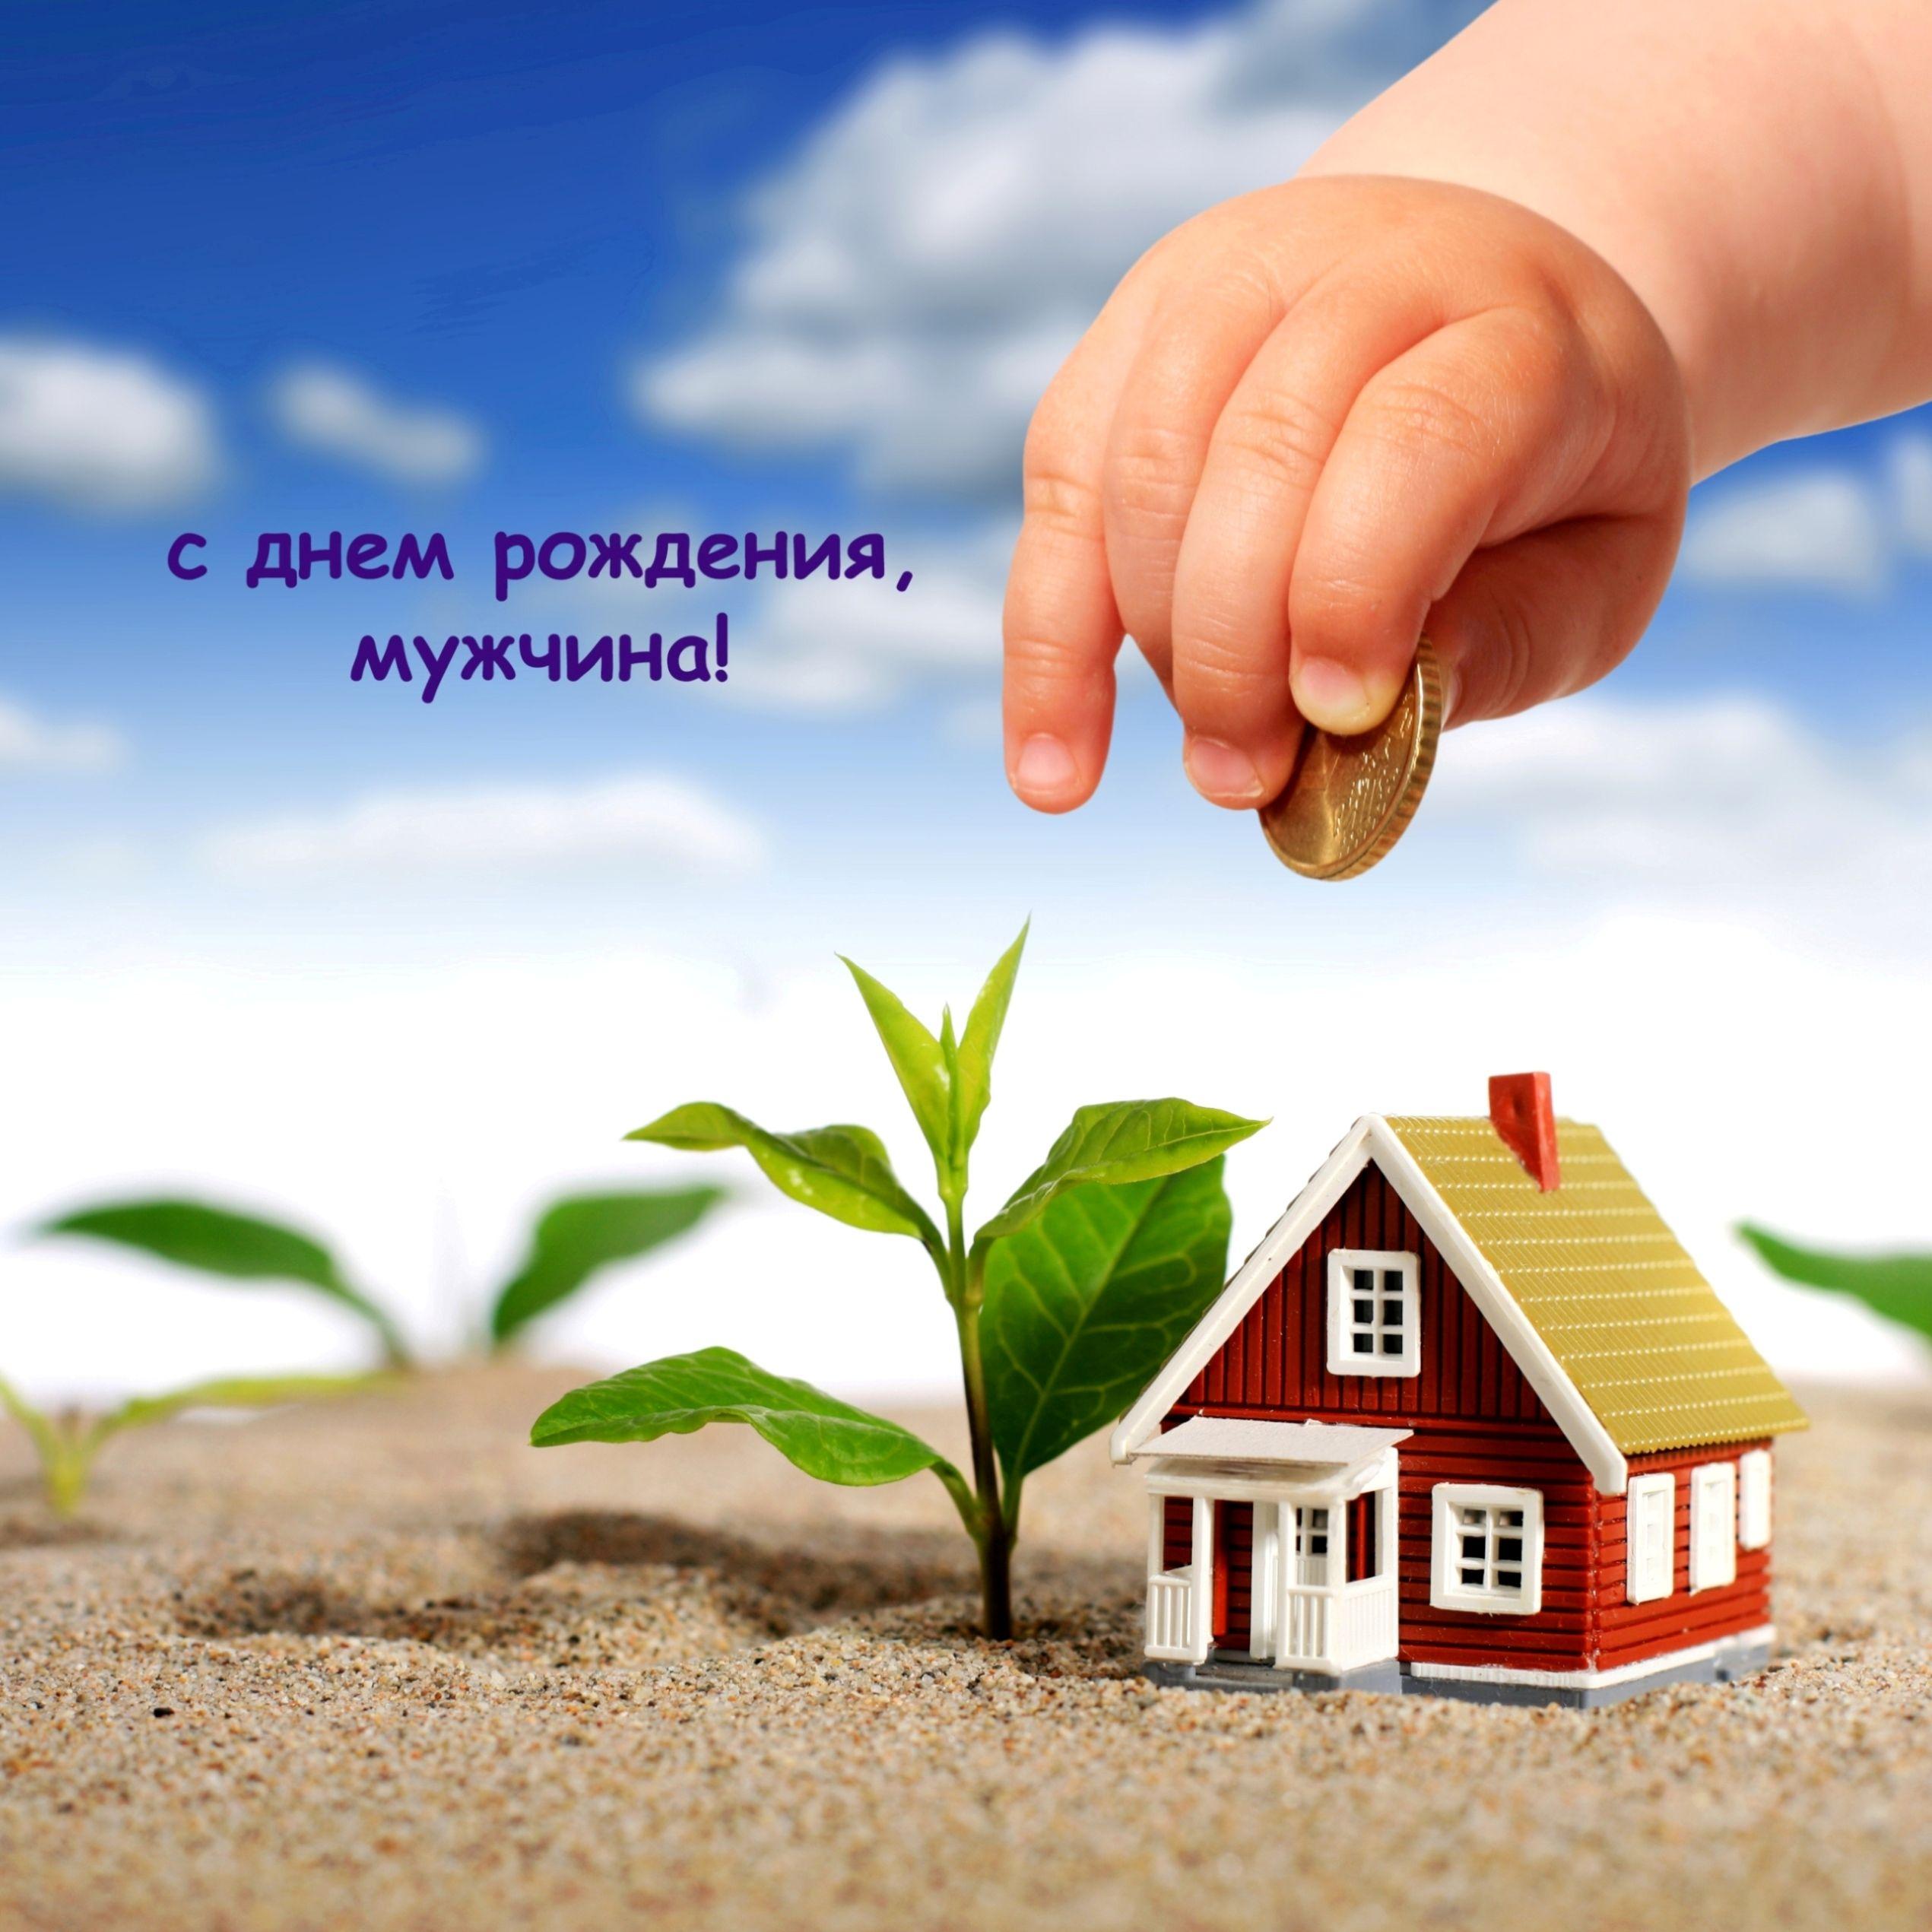 остановленные поздравление мужчине построить дом это когда нужно